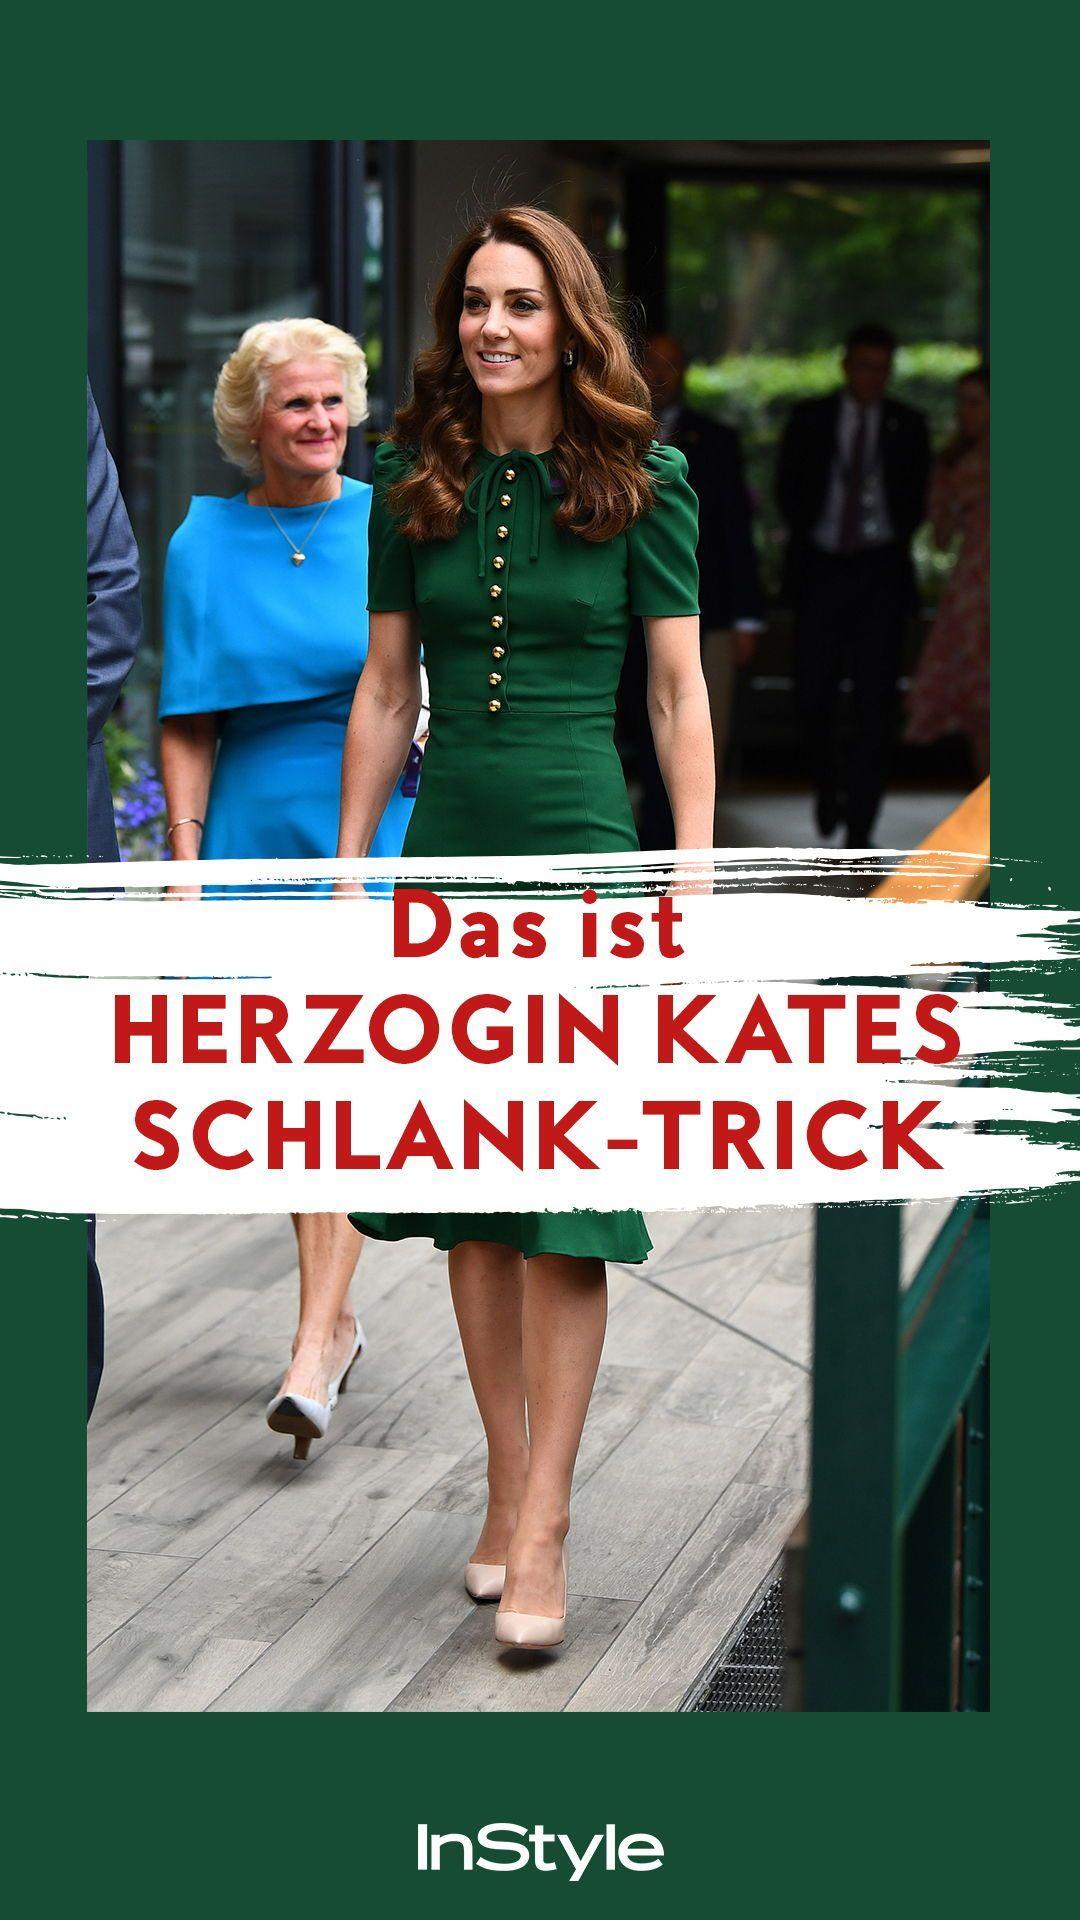 Royal Abnehmen Dank Der Duchess Diat Ist Kate Middleton So Schlank Diat Schlank Herzogin Kate